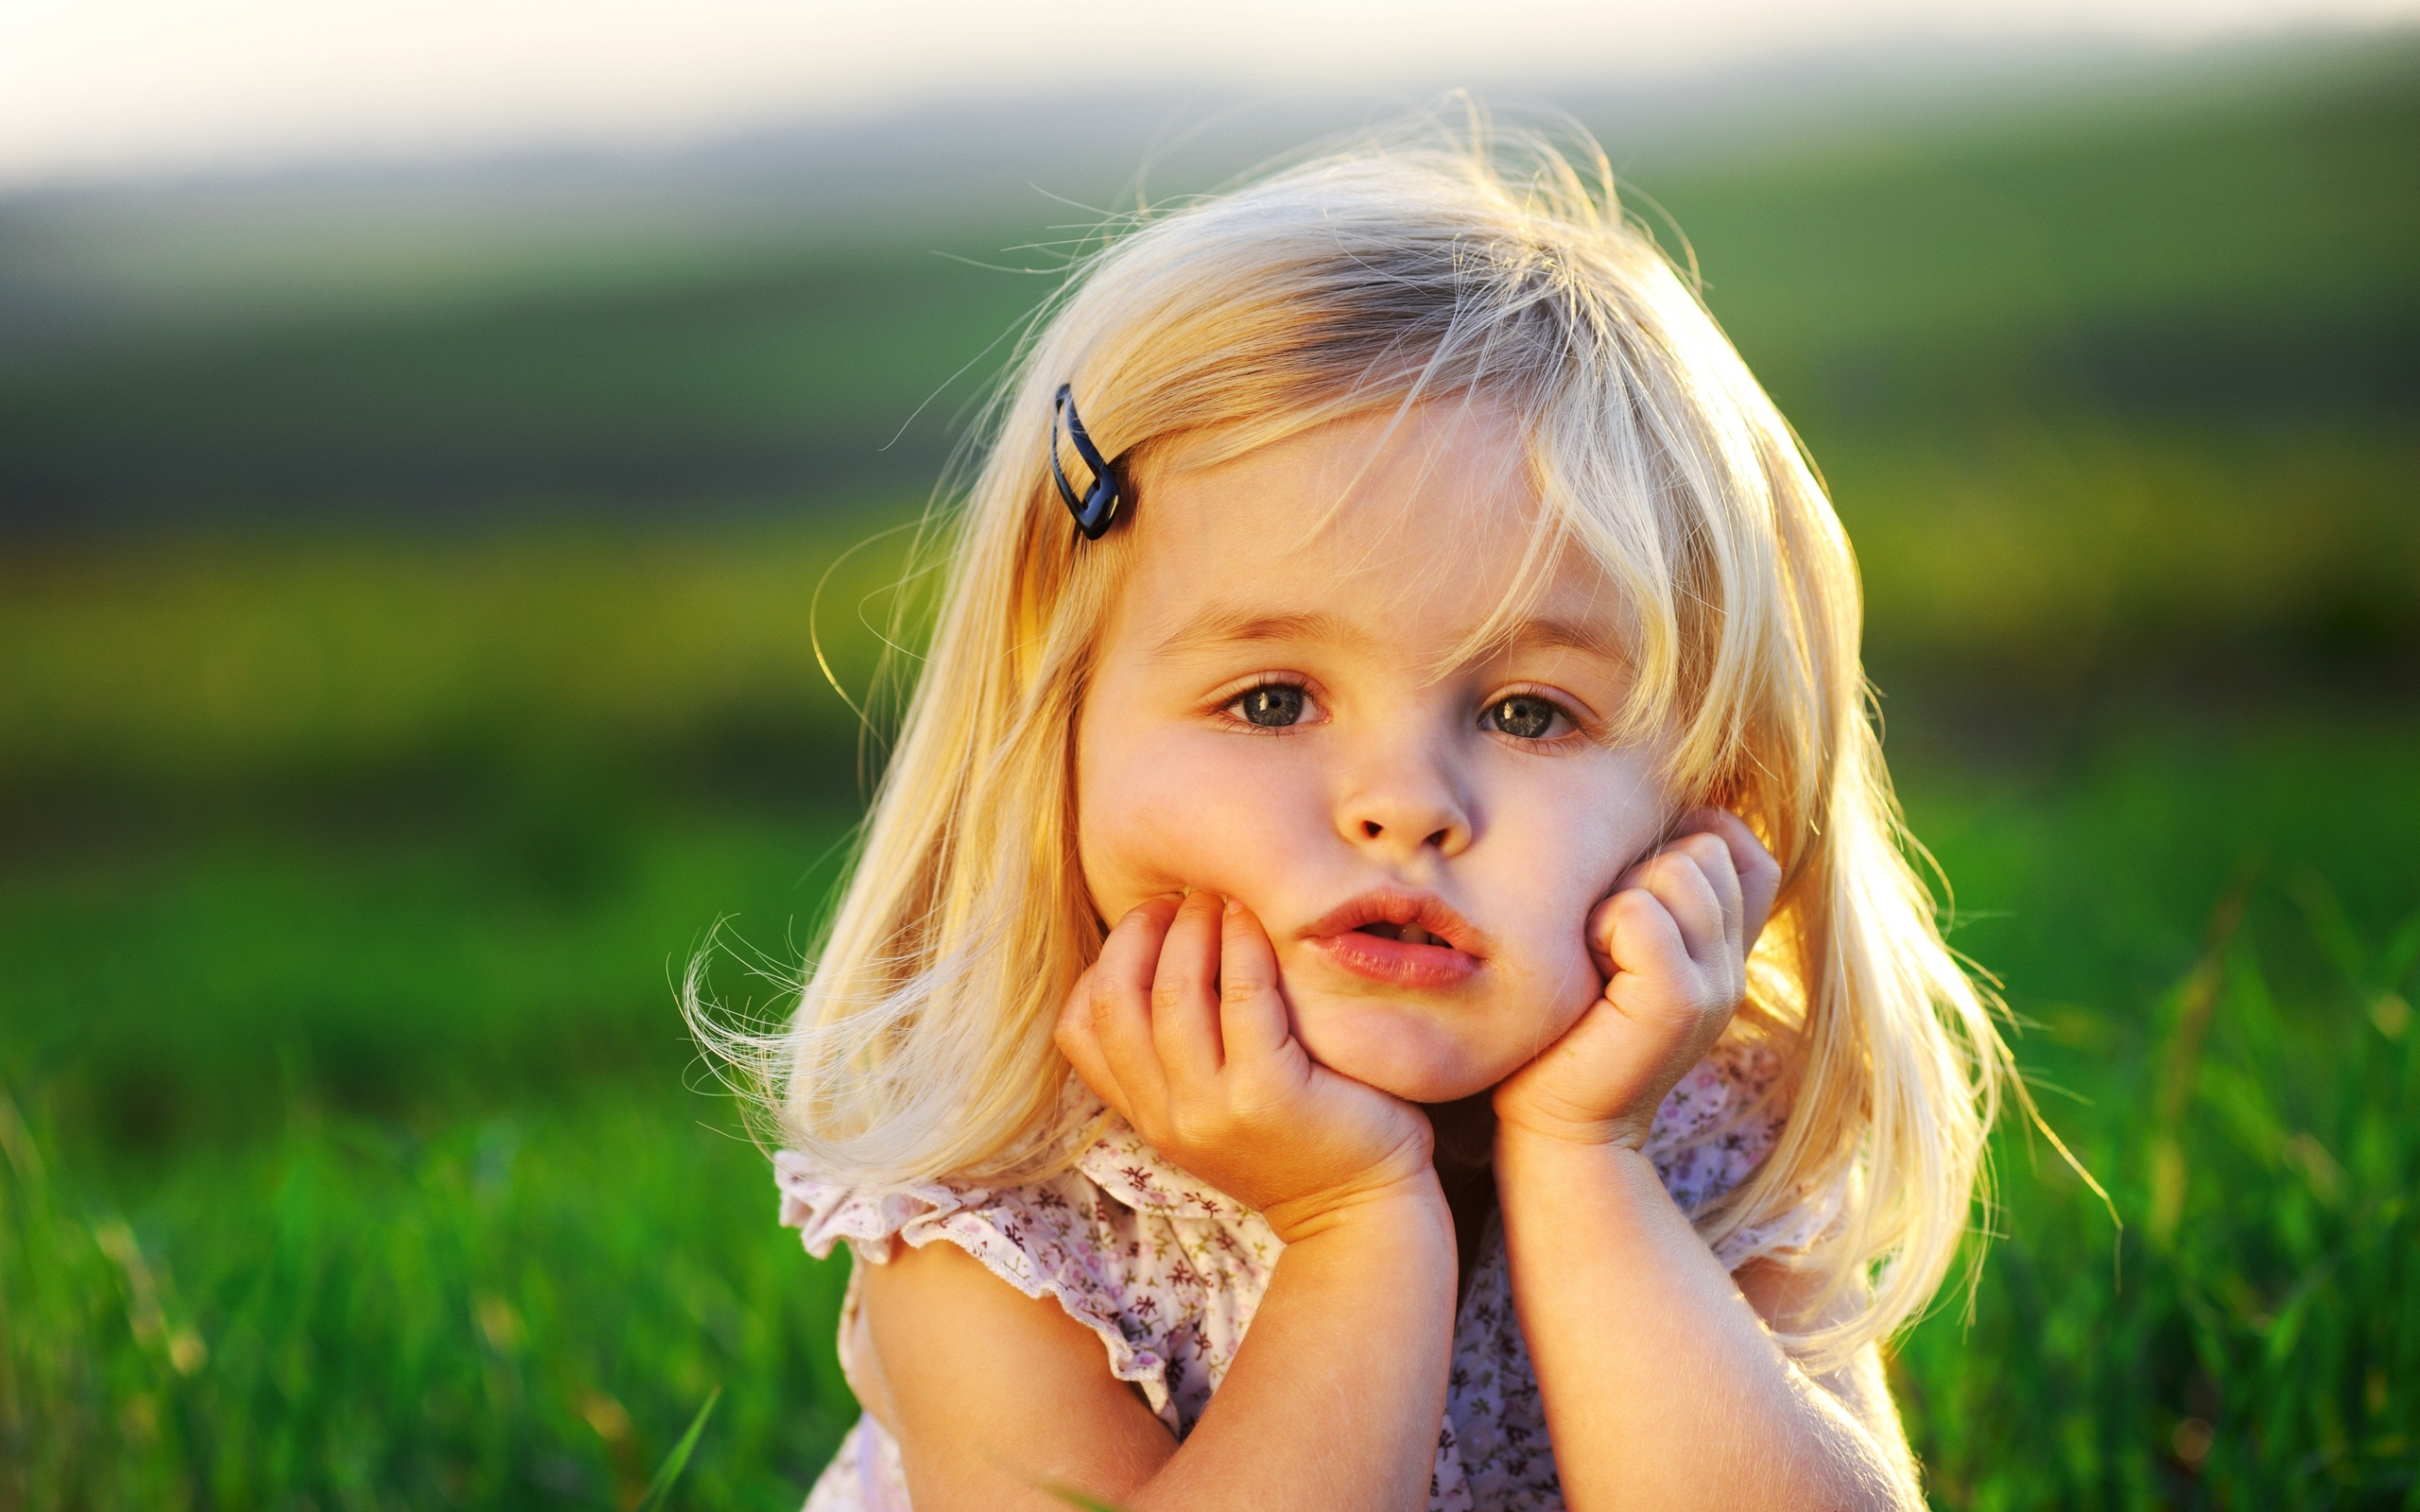 cute little girls wallpapers